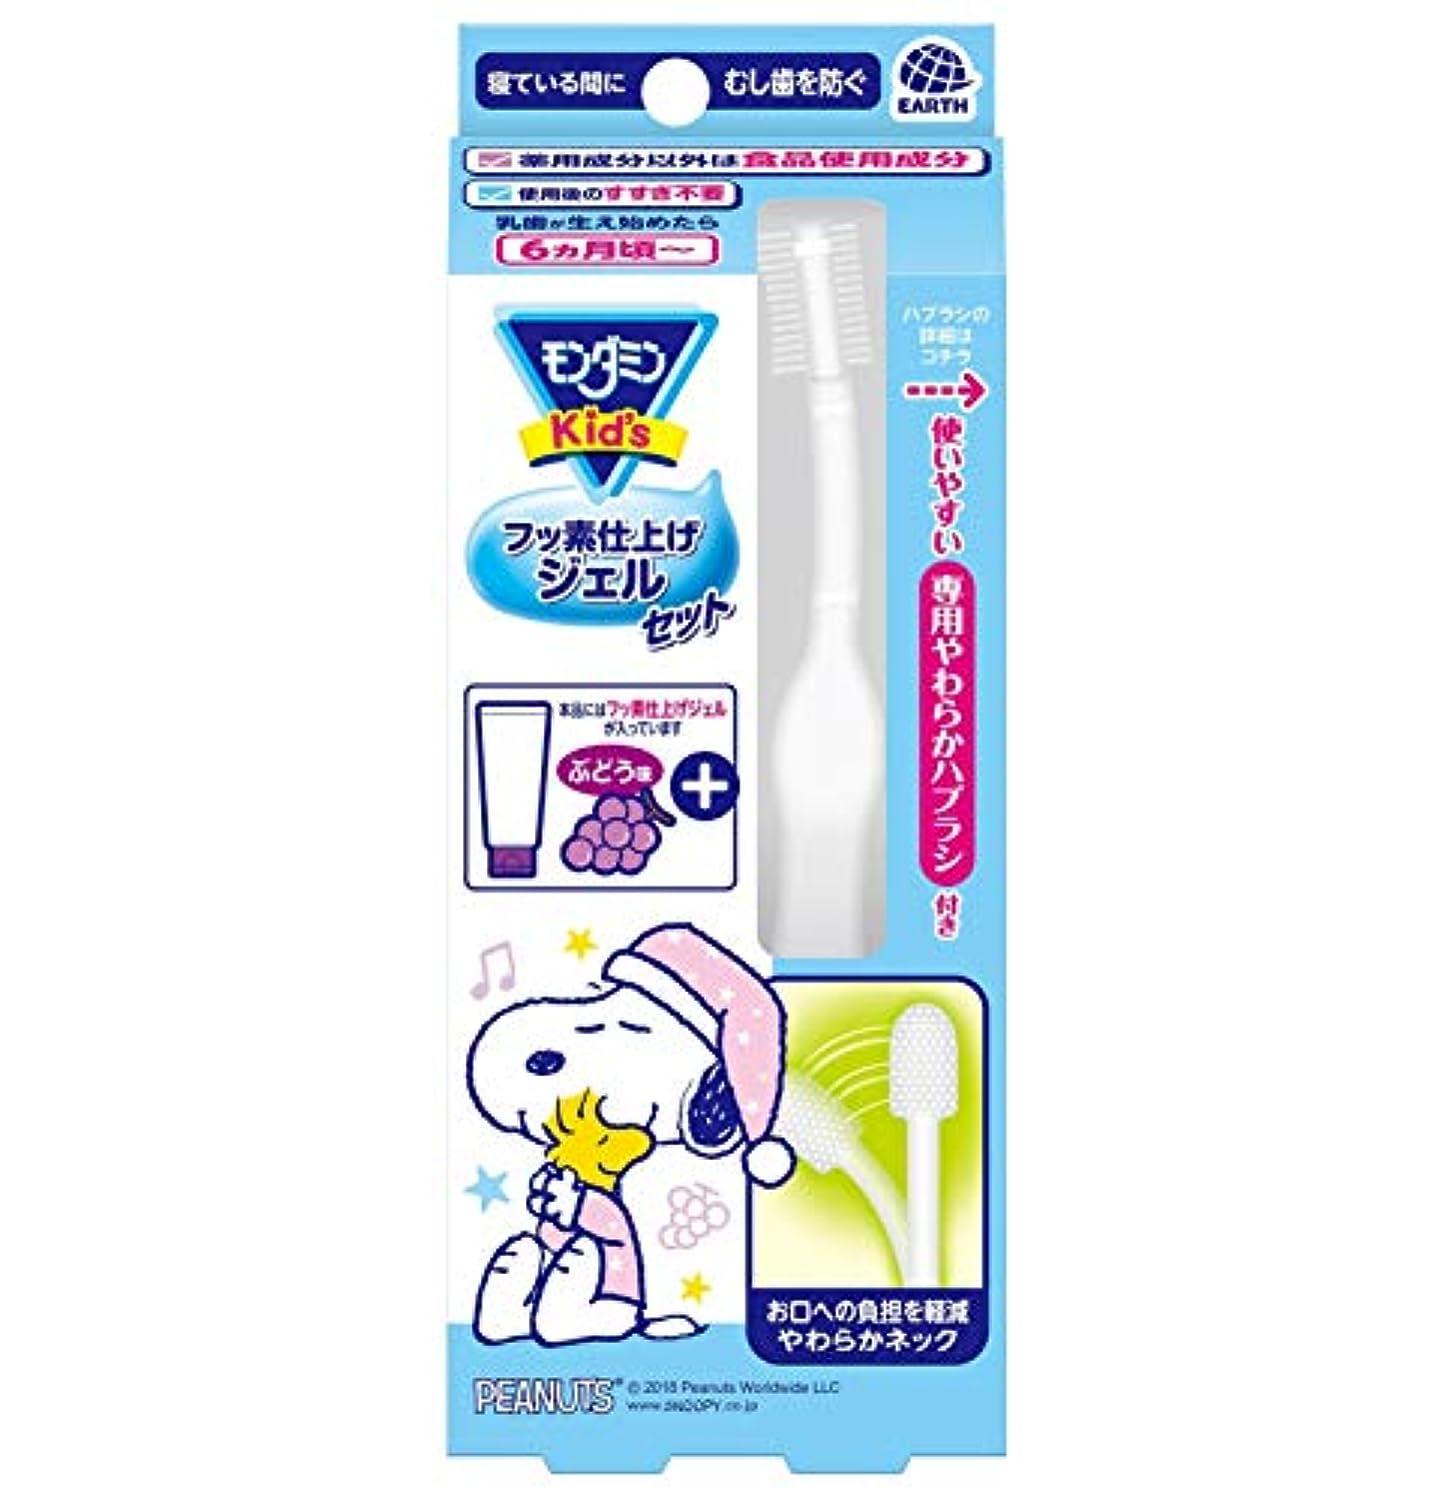 【医薬部外品】モンダミンKid's フッ素仕上げジェルセット ぶどう味 子供用 [50g+ブラシ]